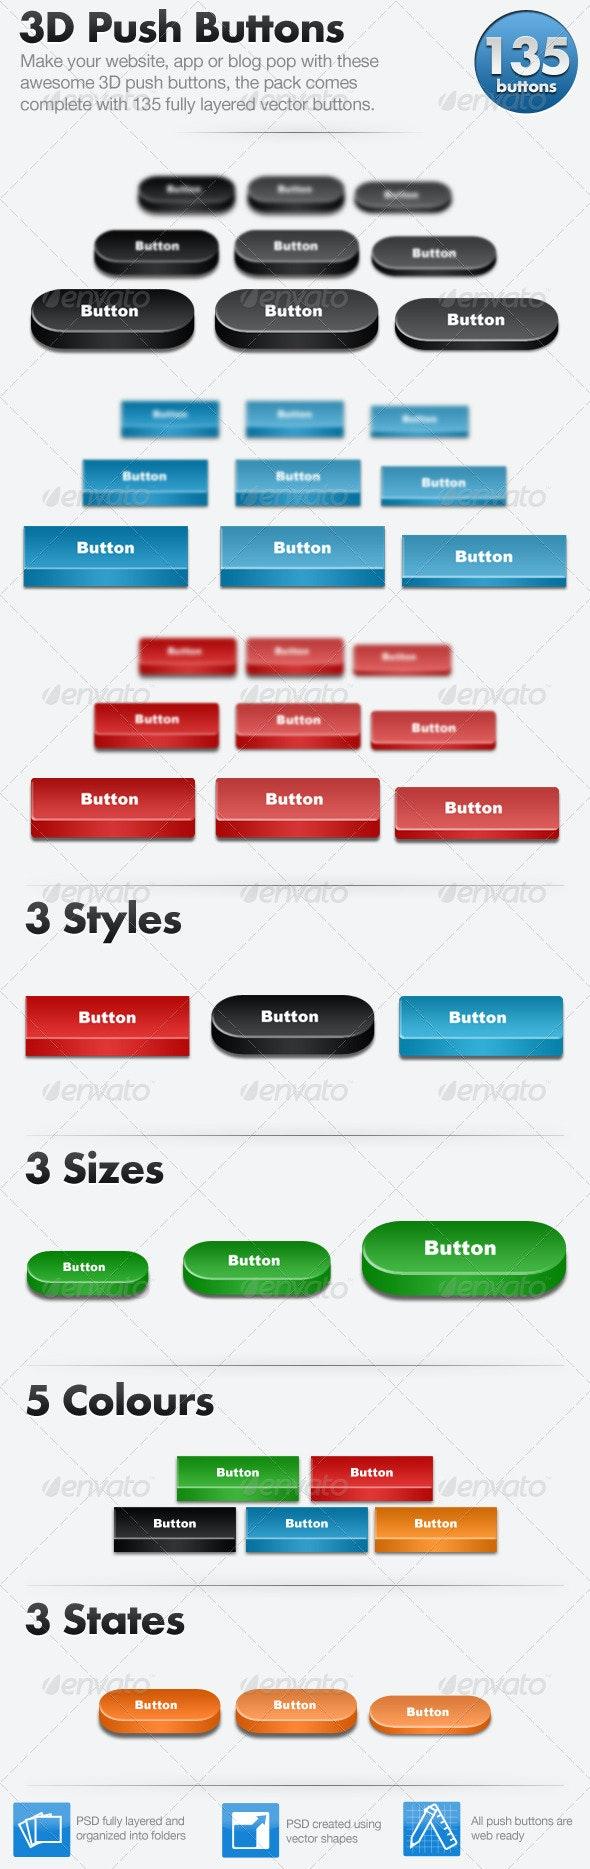 3D Push Button Pack - 135 Buttons - Buttons Web Elements